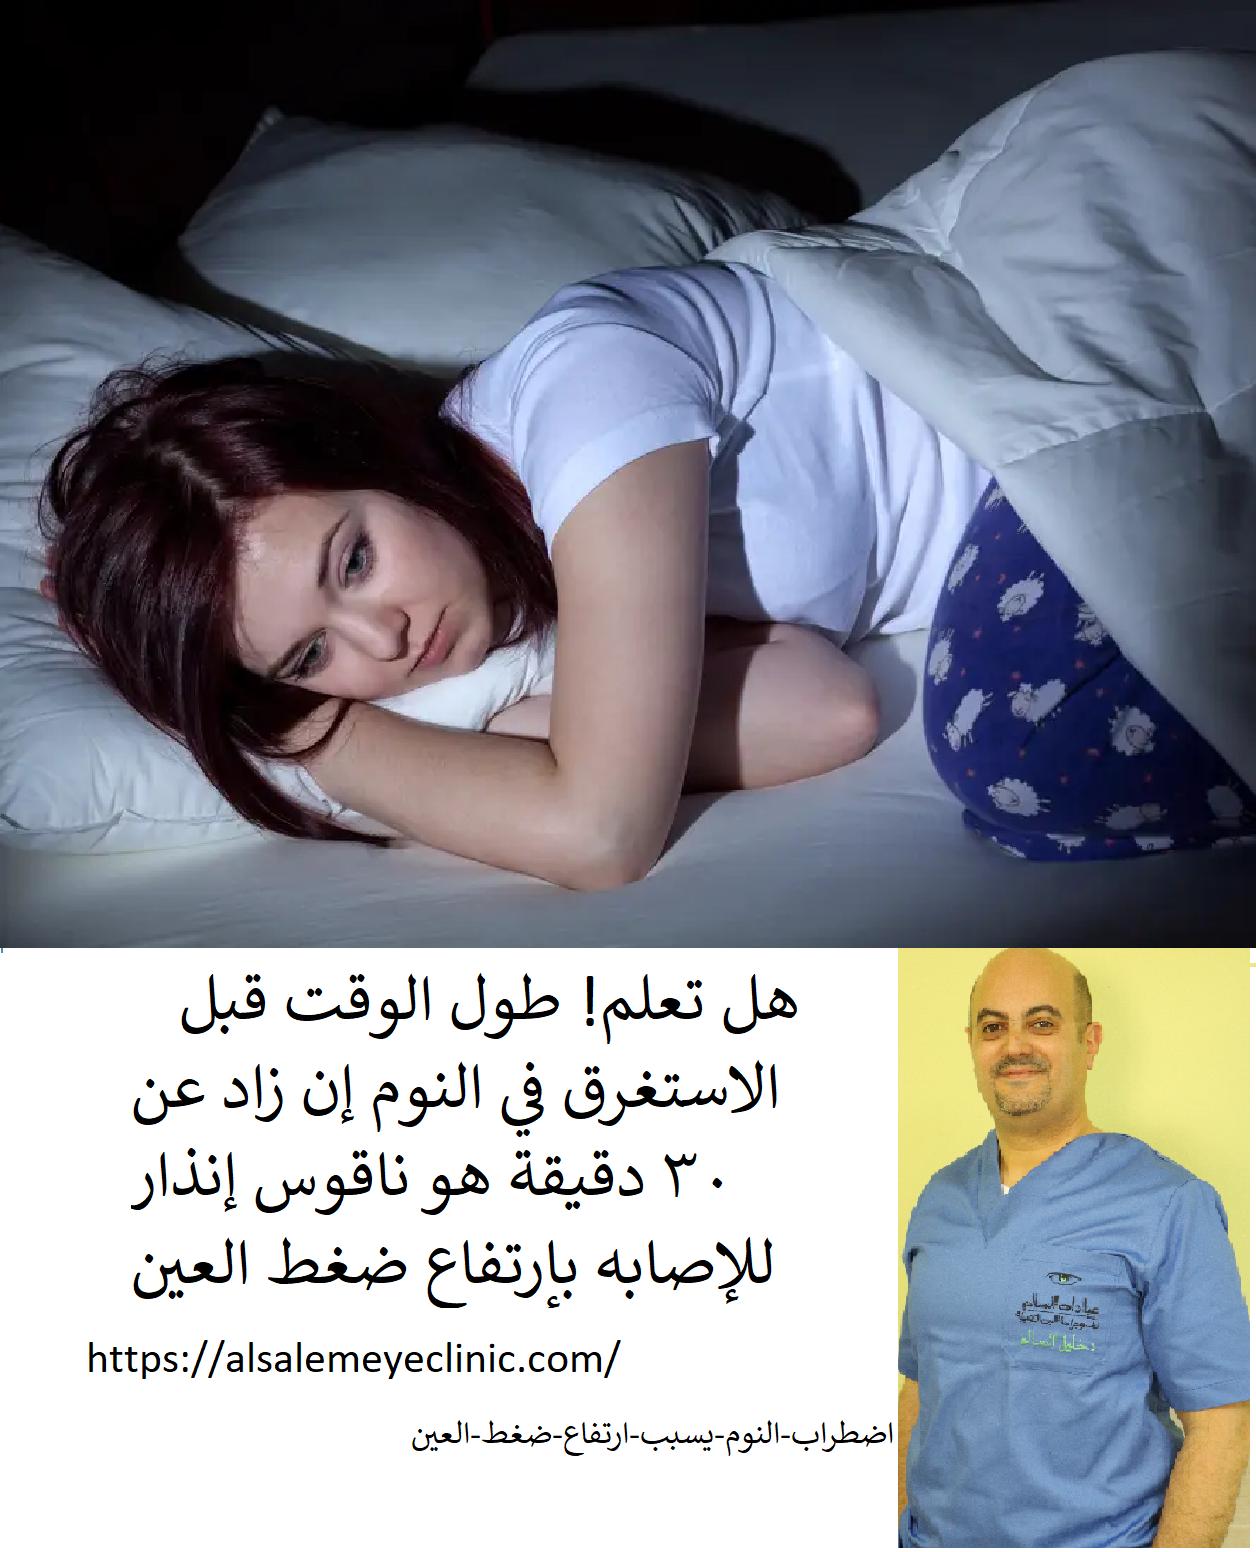 إضطراب النوم يسبب إرتفاع ضغط العين